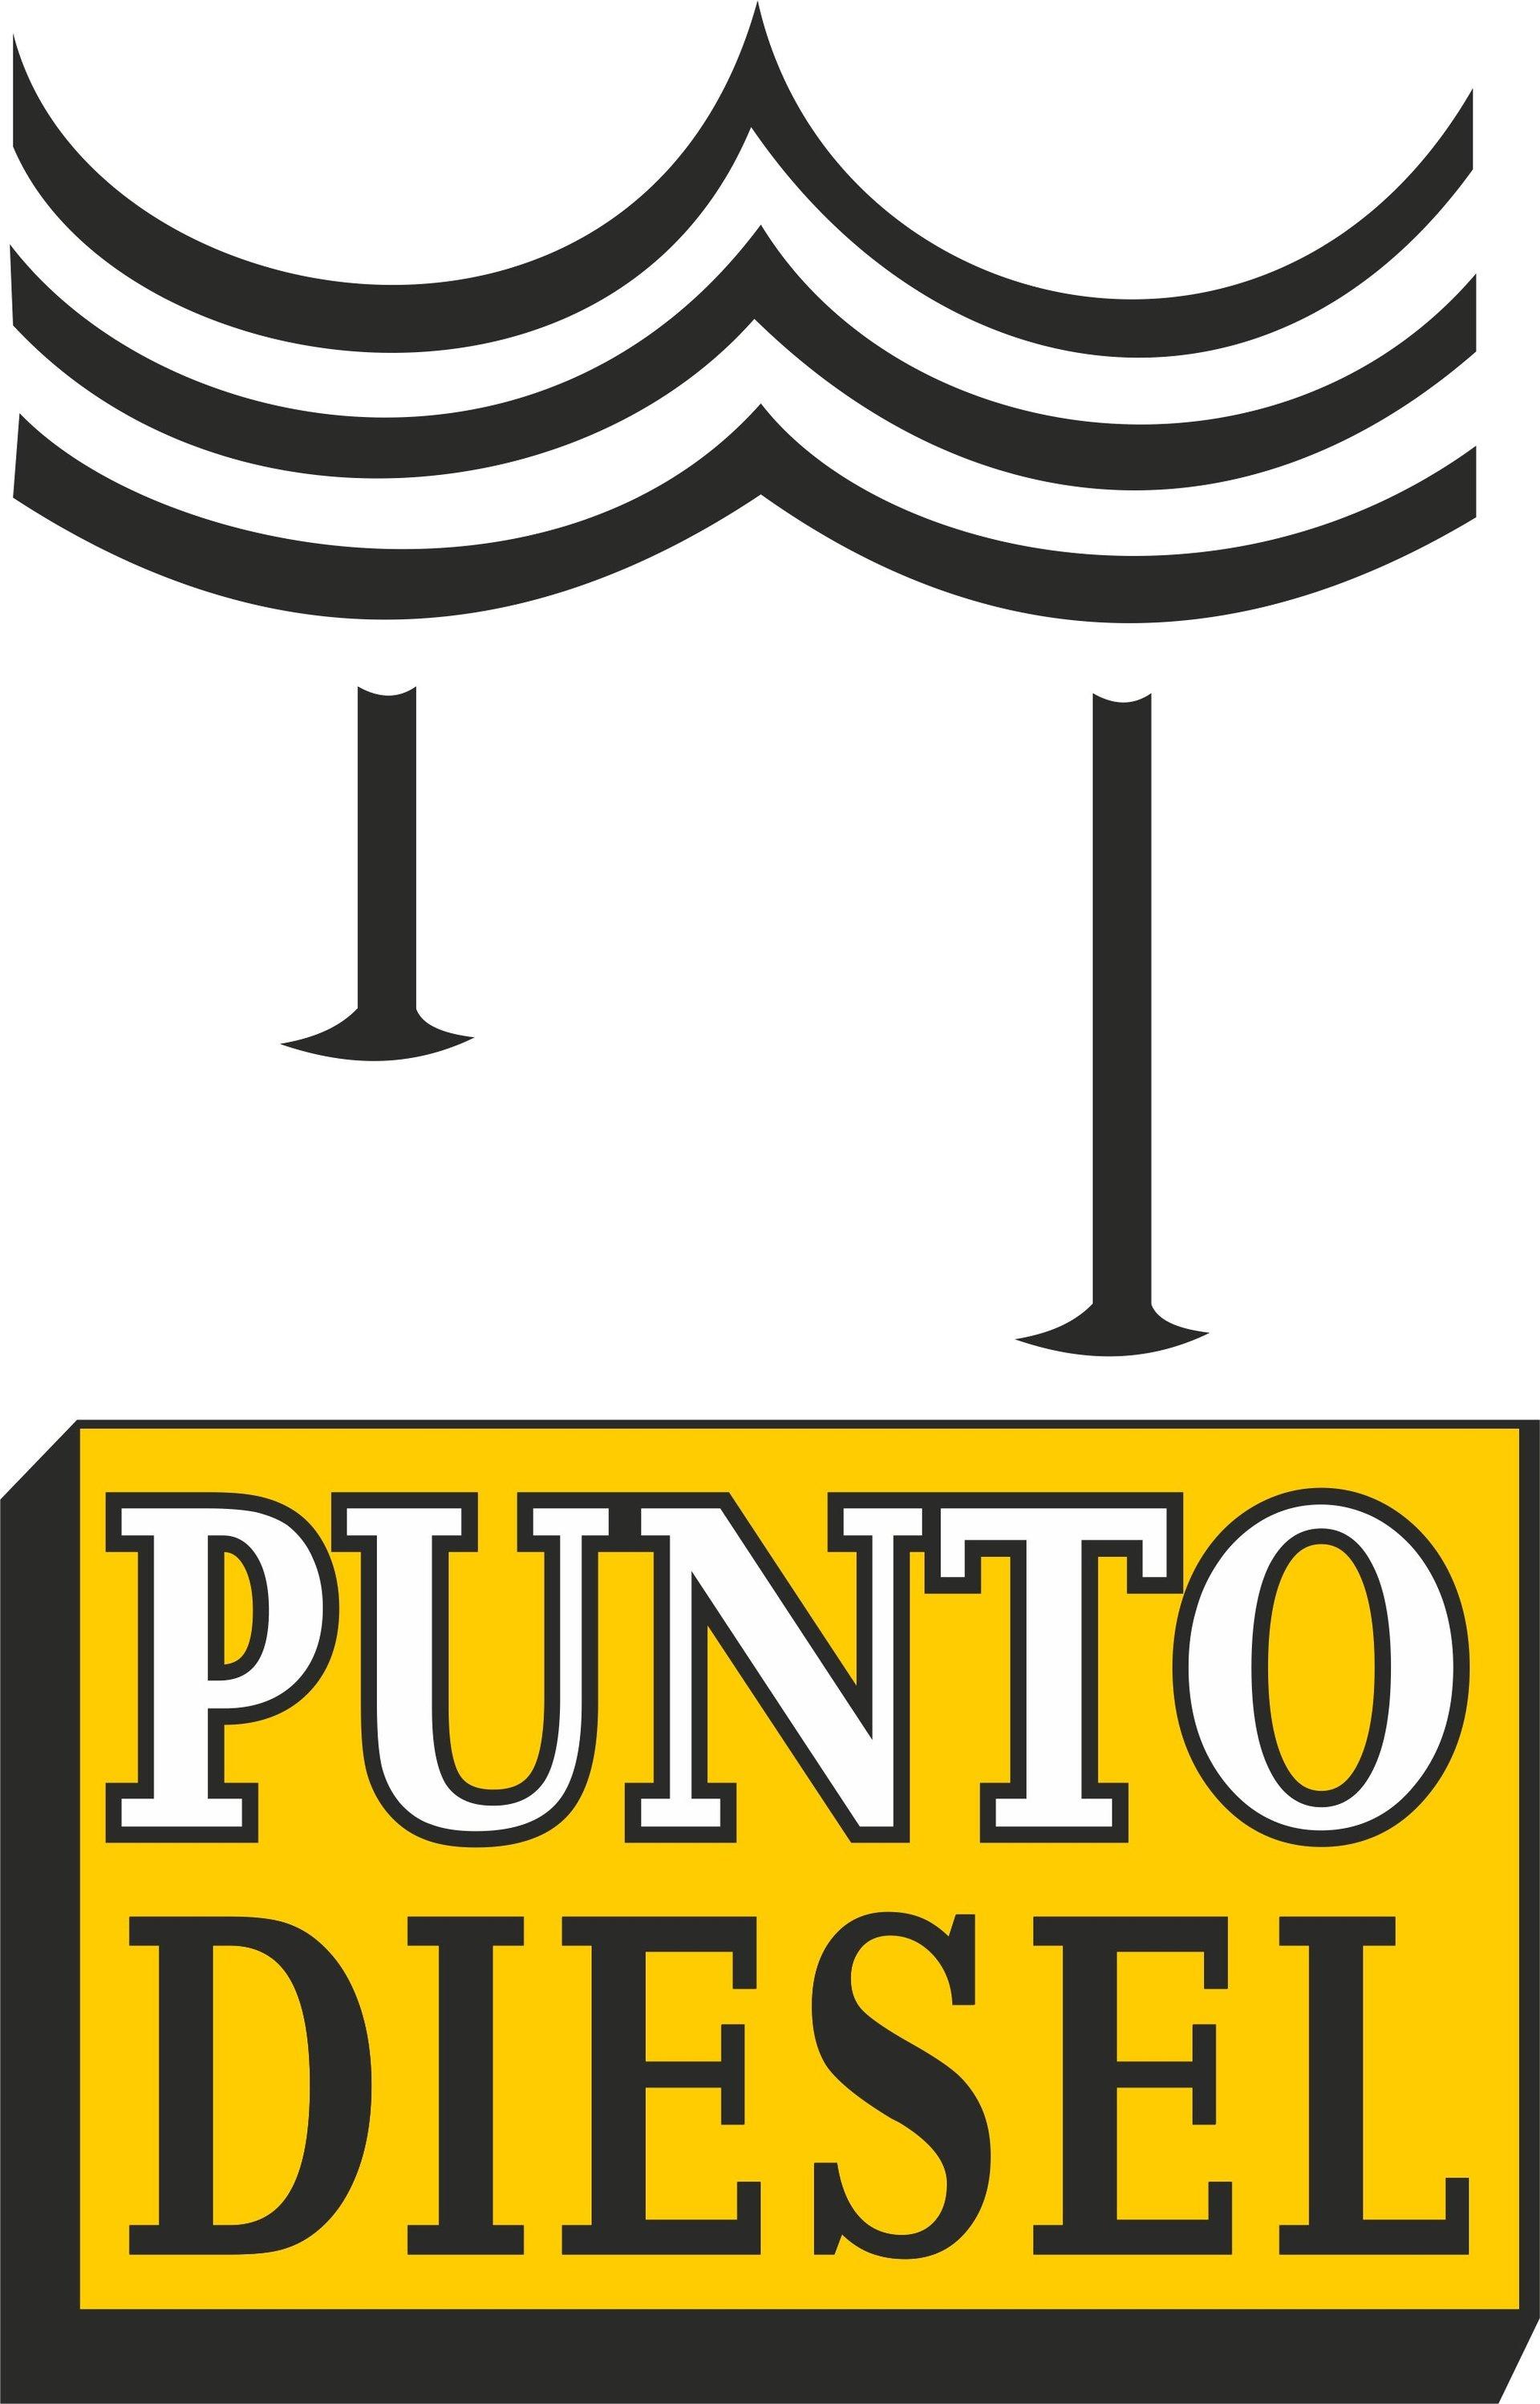 PUNTO DIESEL - LOGO